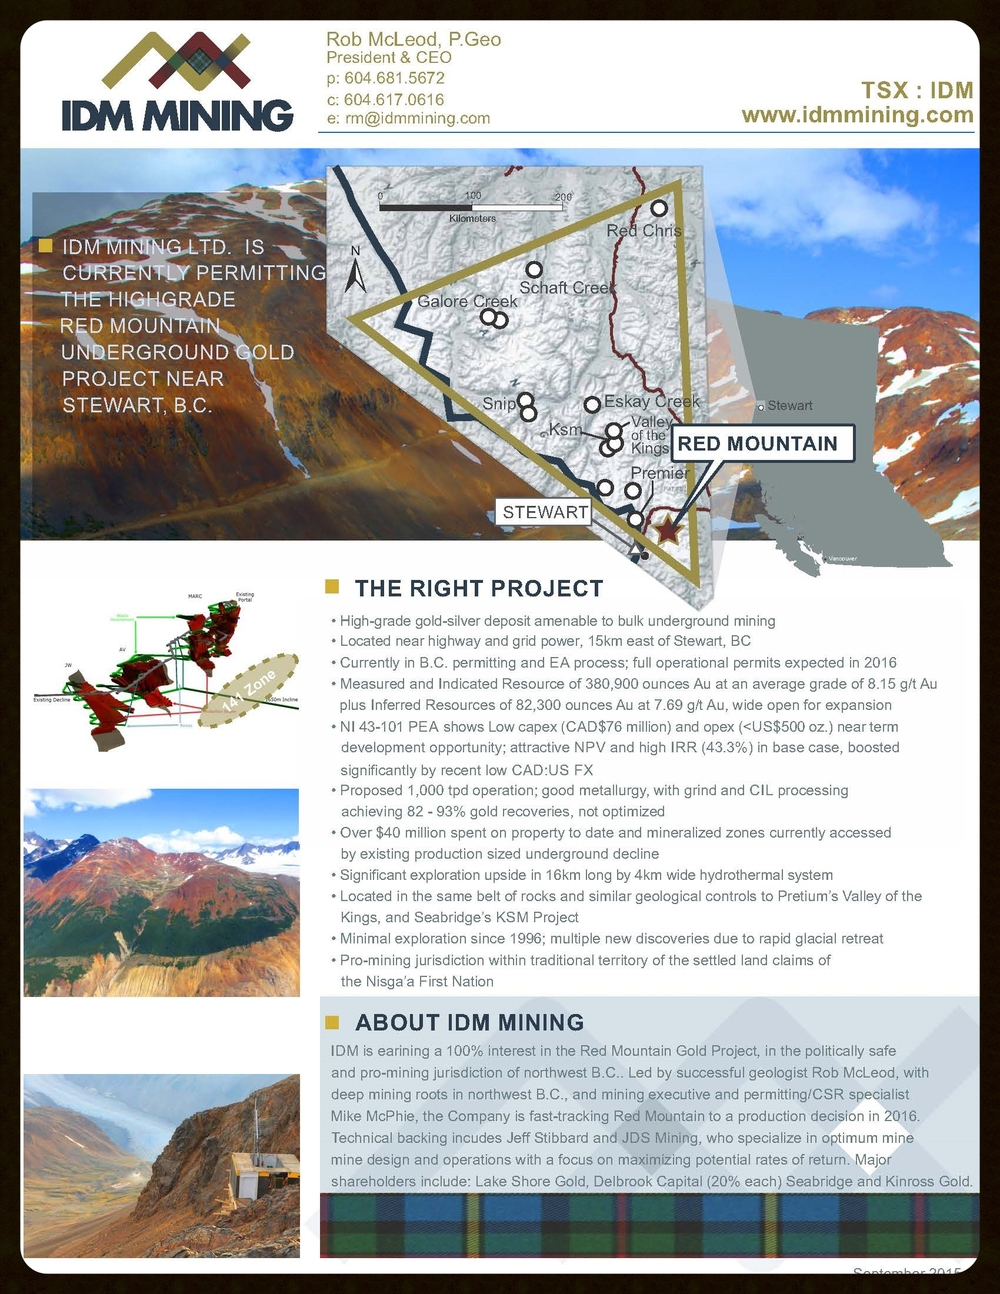 IDM Mining Fact Sheet